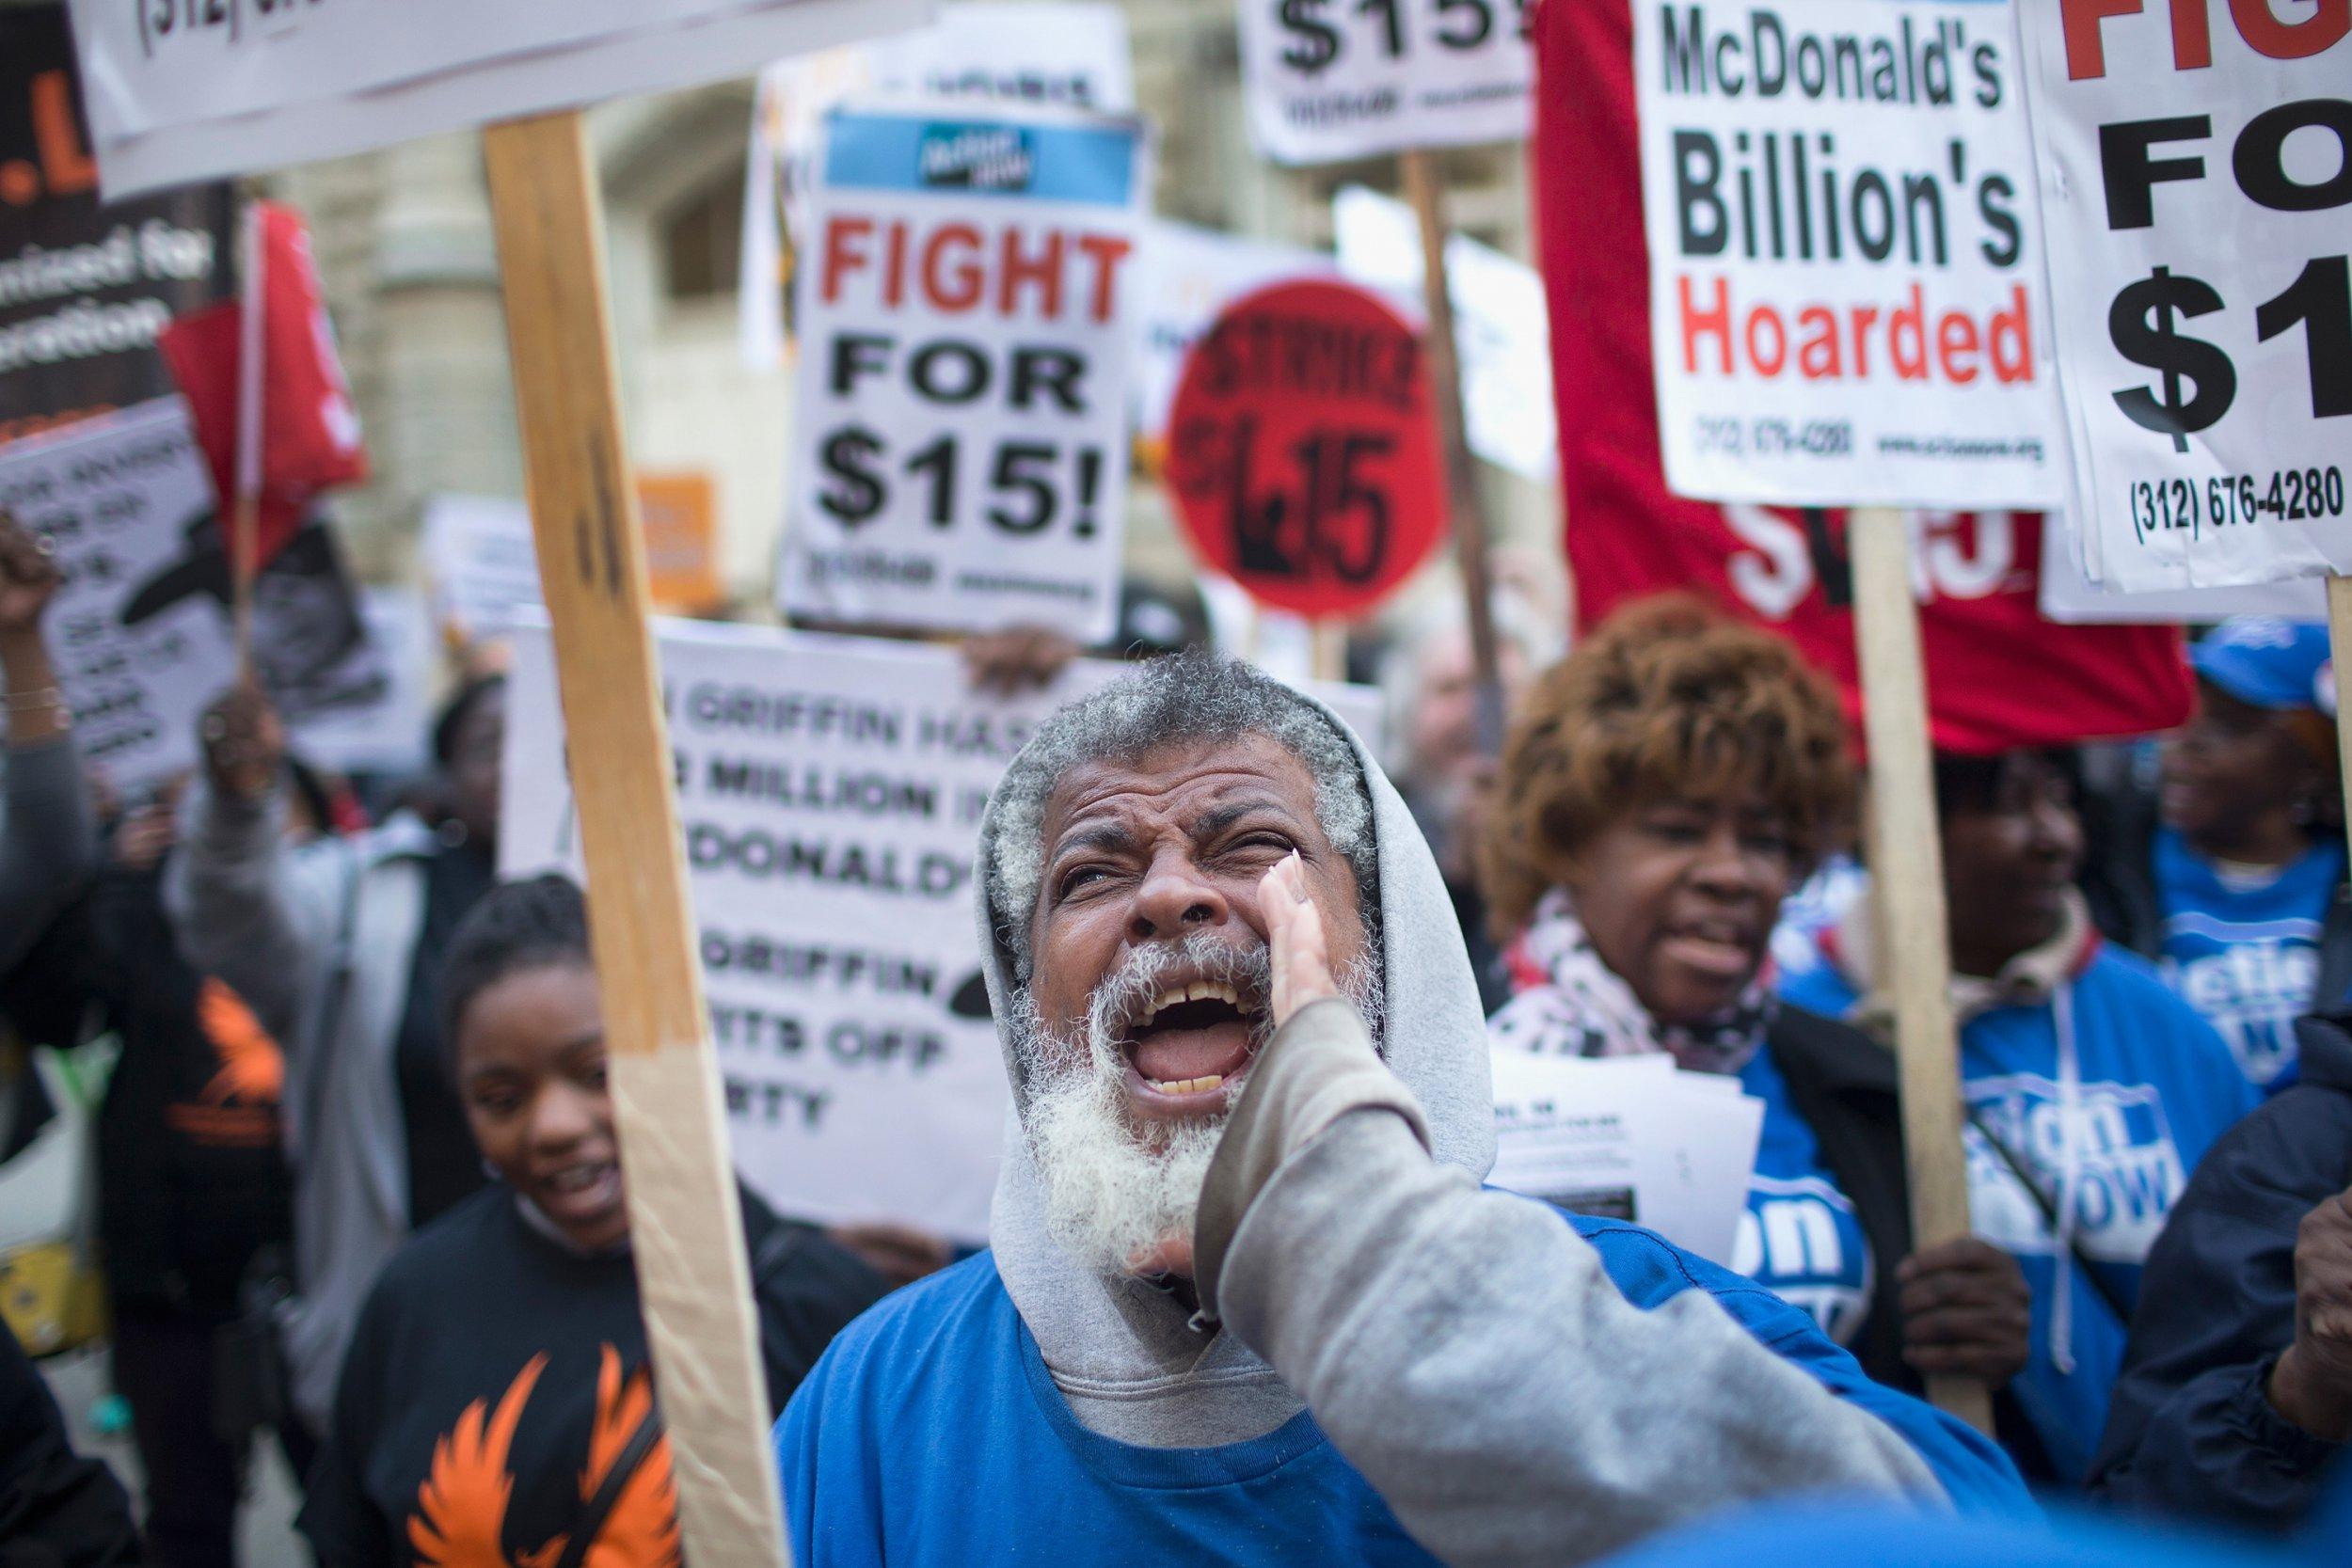 Michigan Minimum Wage Fast Food Workers